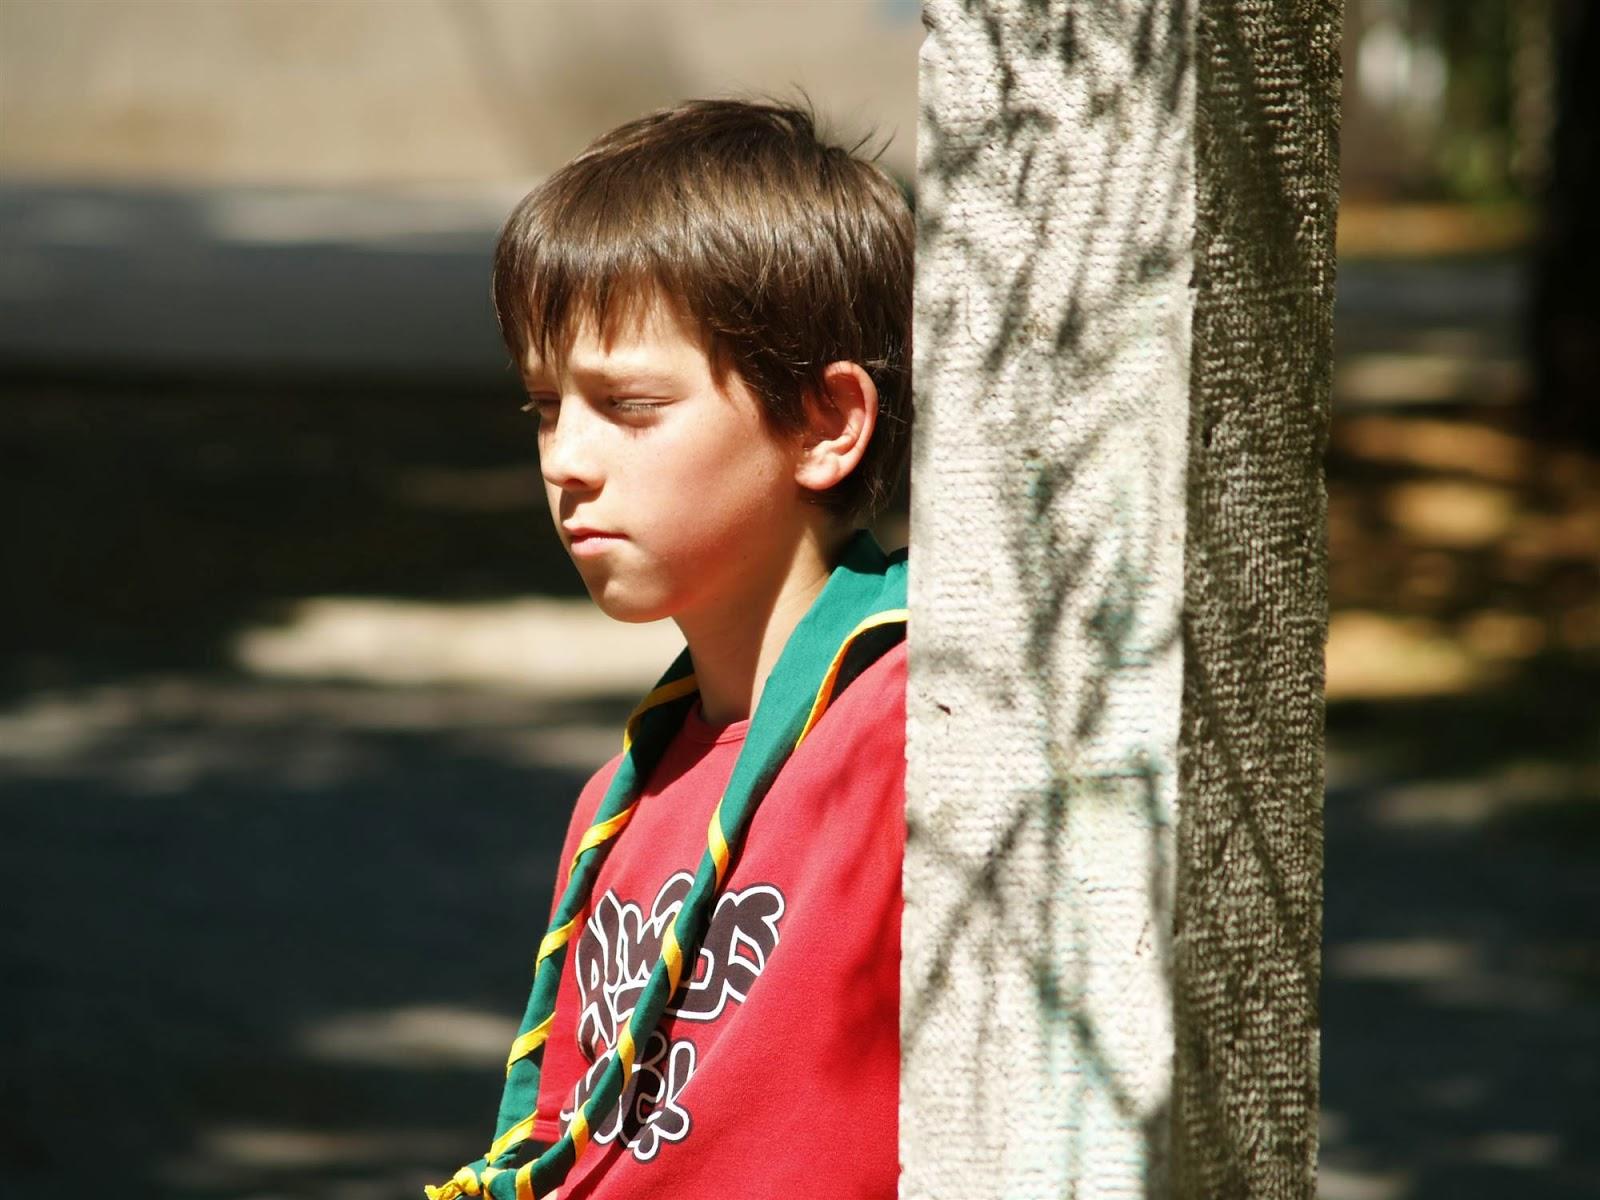 Področni mnogoboj, Sežana 2007 - P0207166.JPG